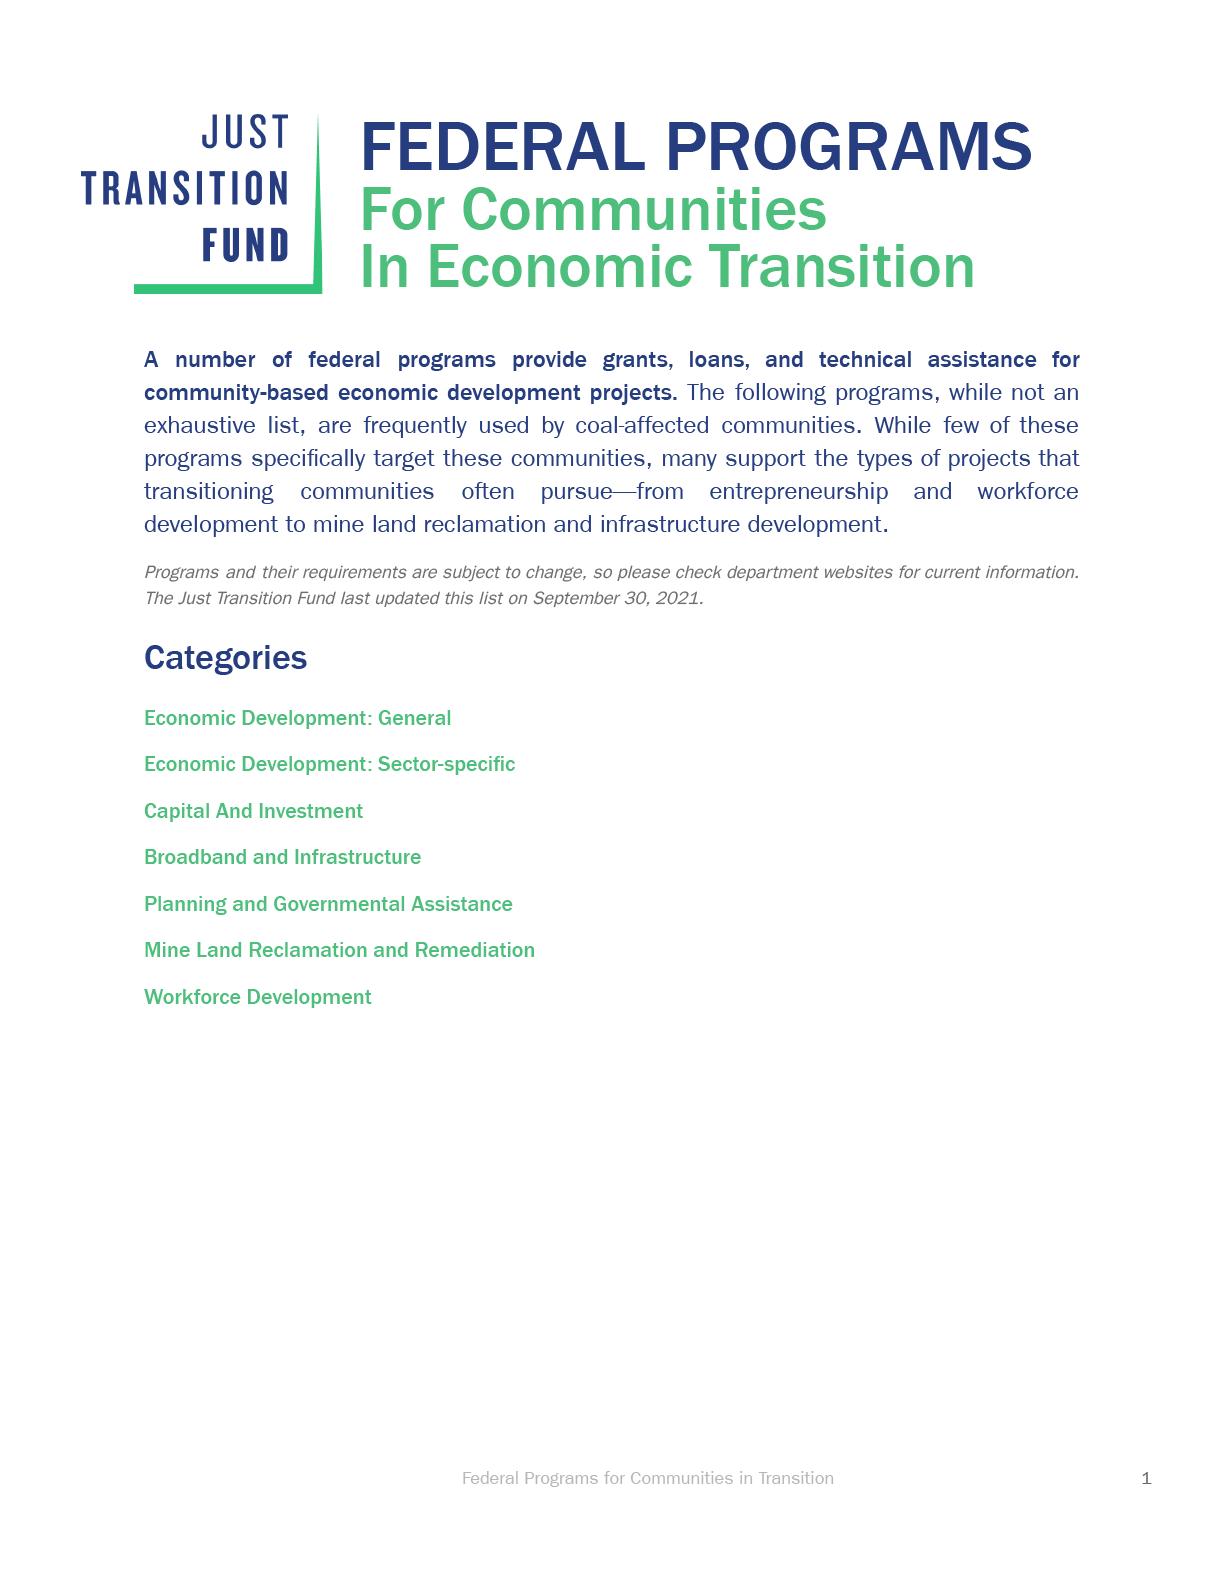 Building a Community Response to Trauma